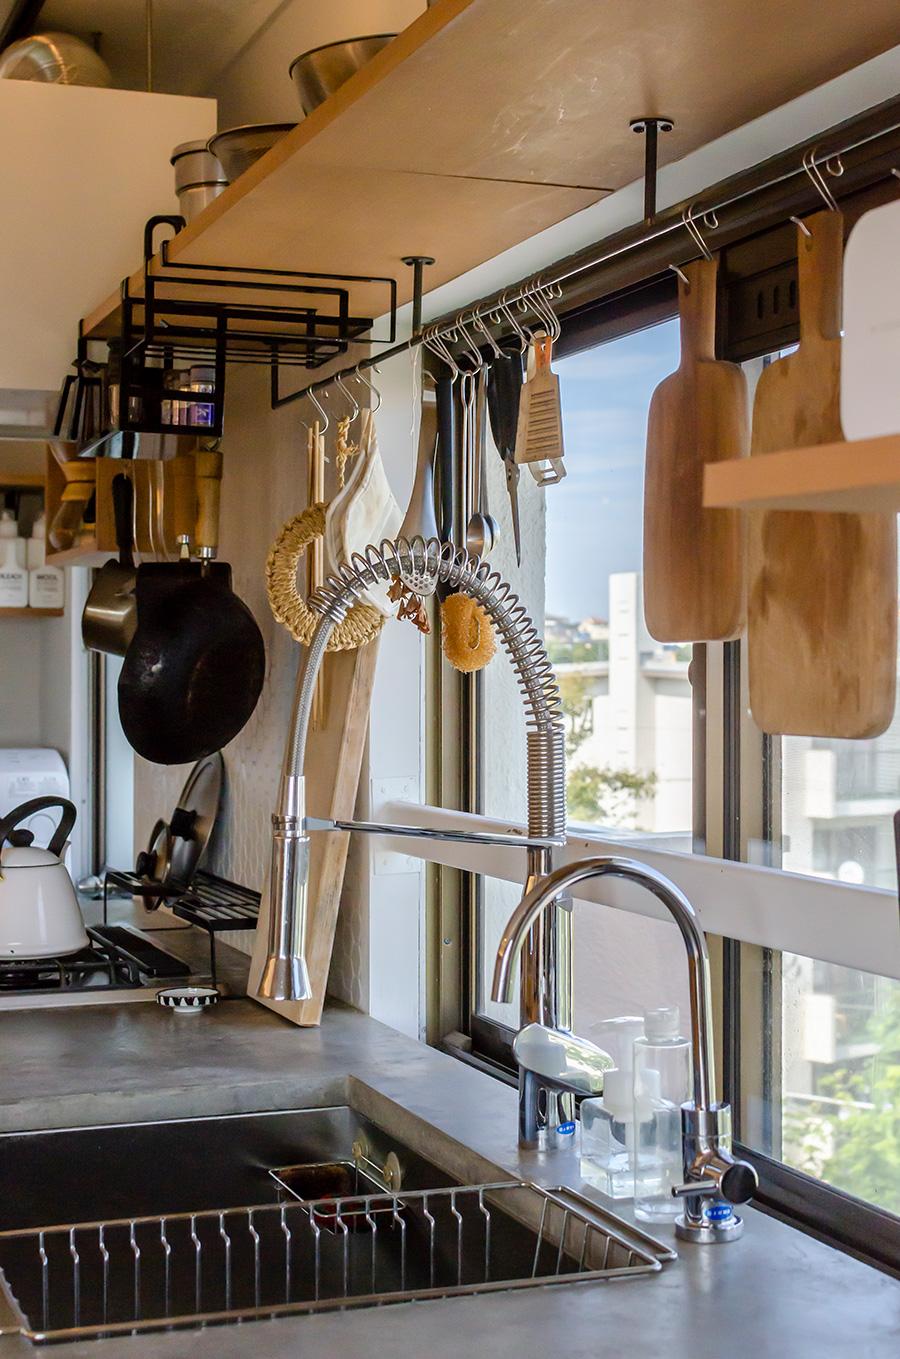 グローエの水栓はホースを引き出して360度動かして使えるのが便利。